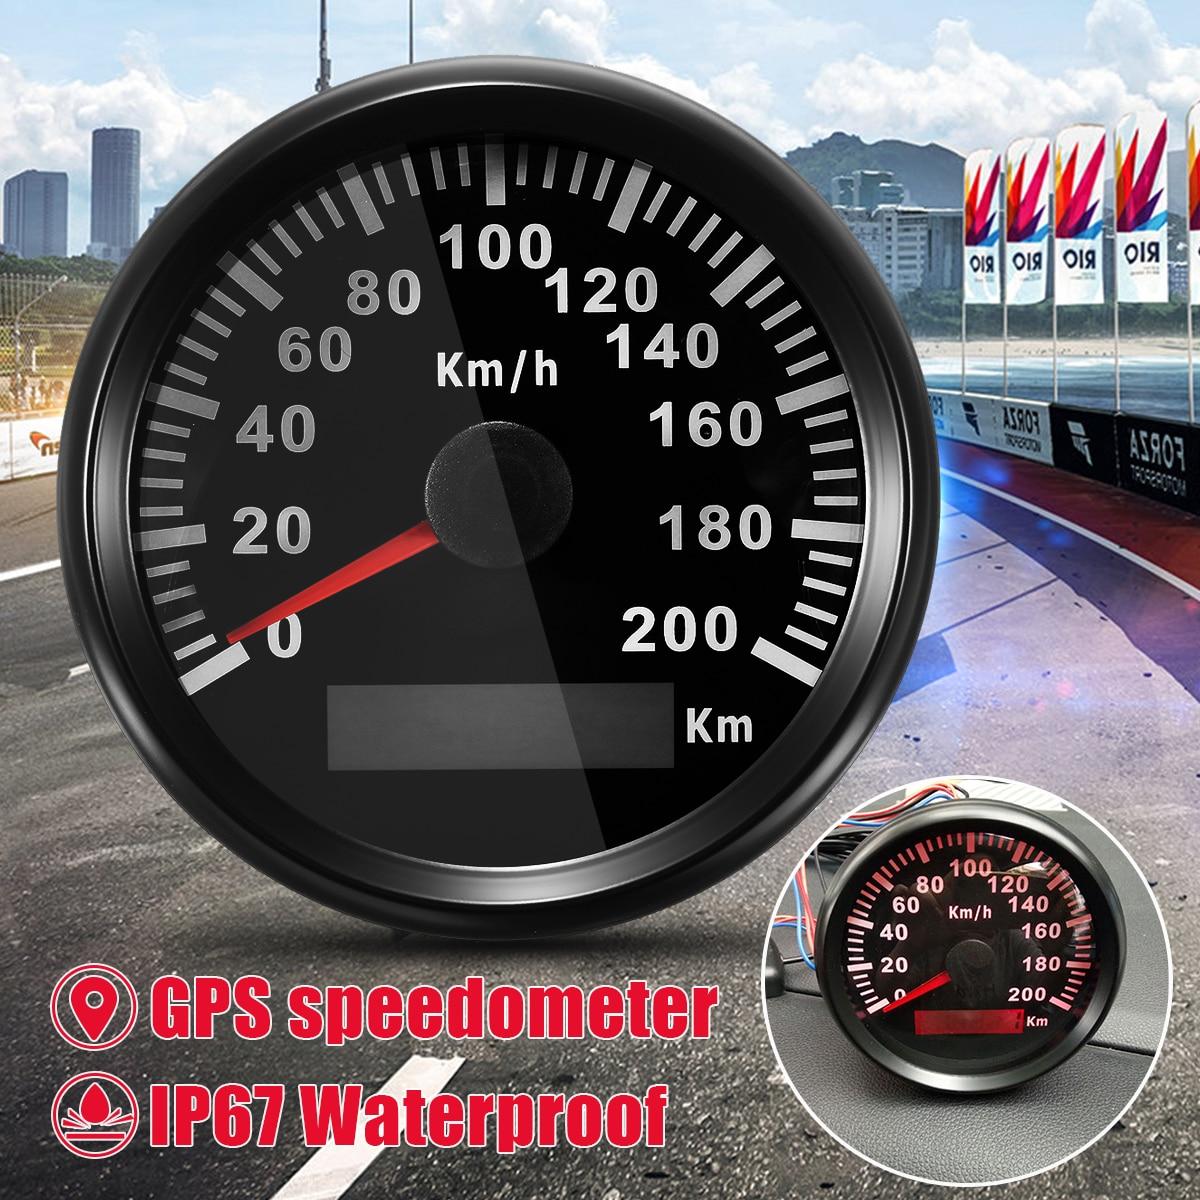 Compteur de vitesse GPS 85mm 200 km/h compteur de vitesse GPS en acier inoxydable jauges numériques imperméables vélo voiture camion moteur Auto avec rétro-éclairage